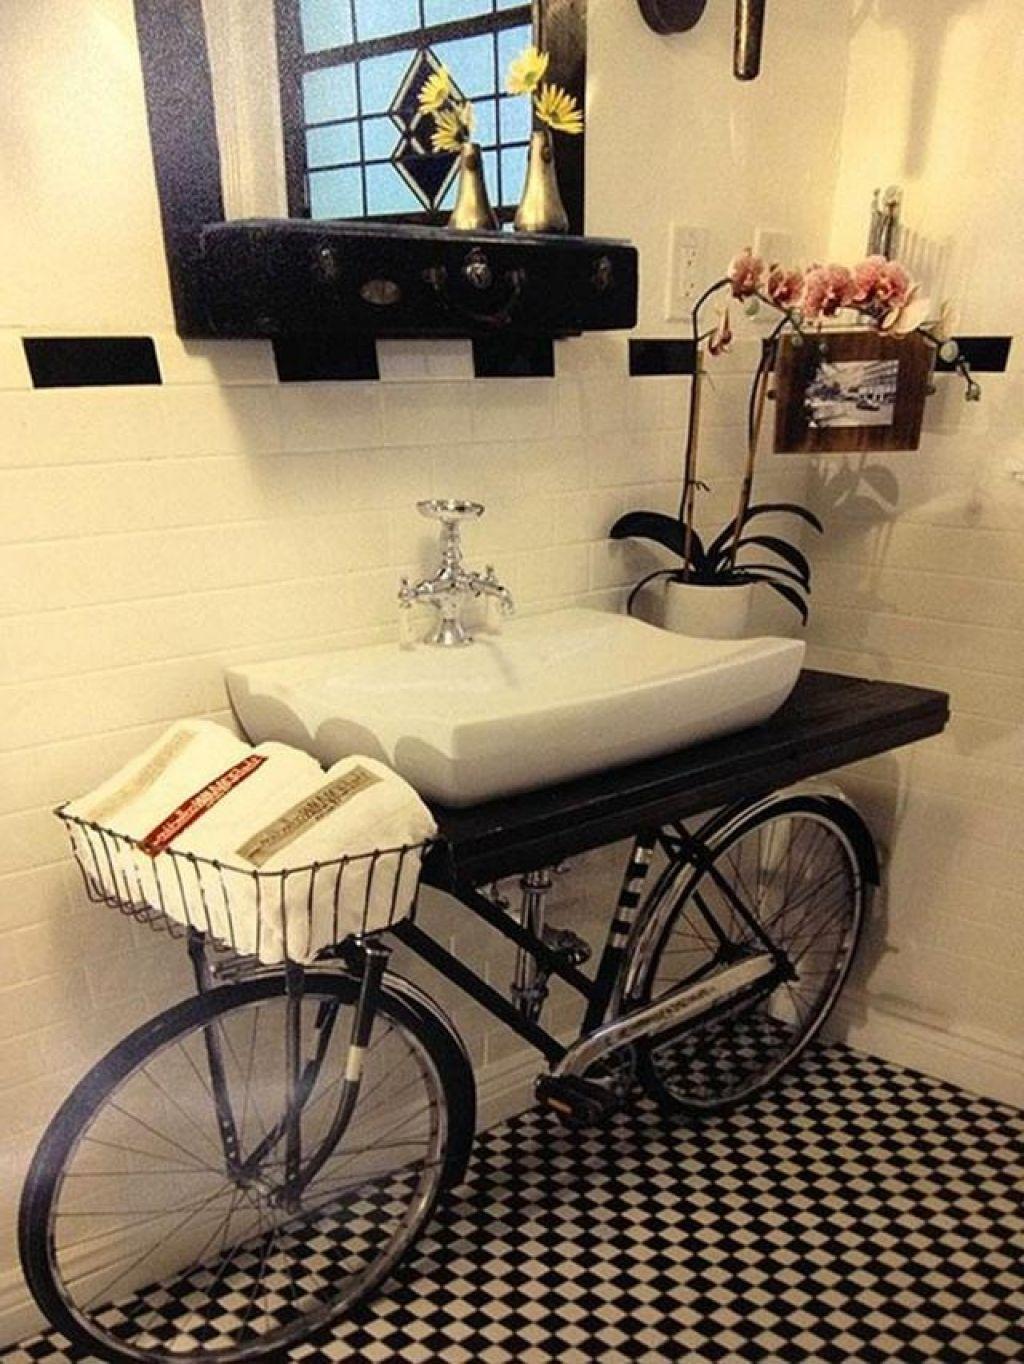 Home hall design-ideen kreative ideen wohnzimmer  dekoideen bad selber machen  pinterest